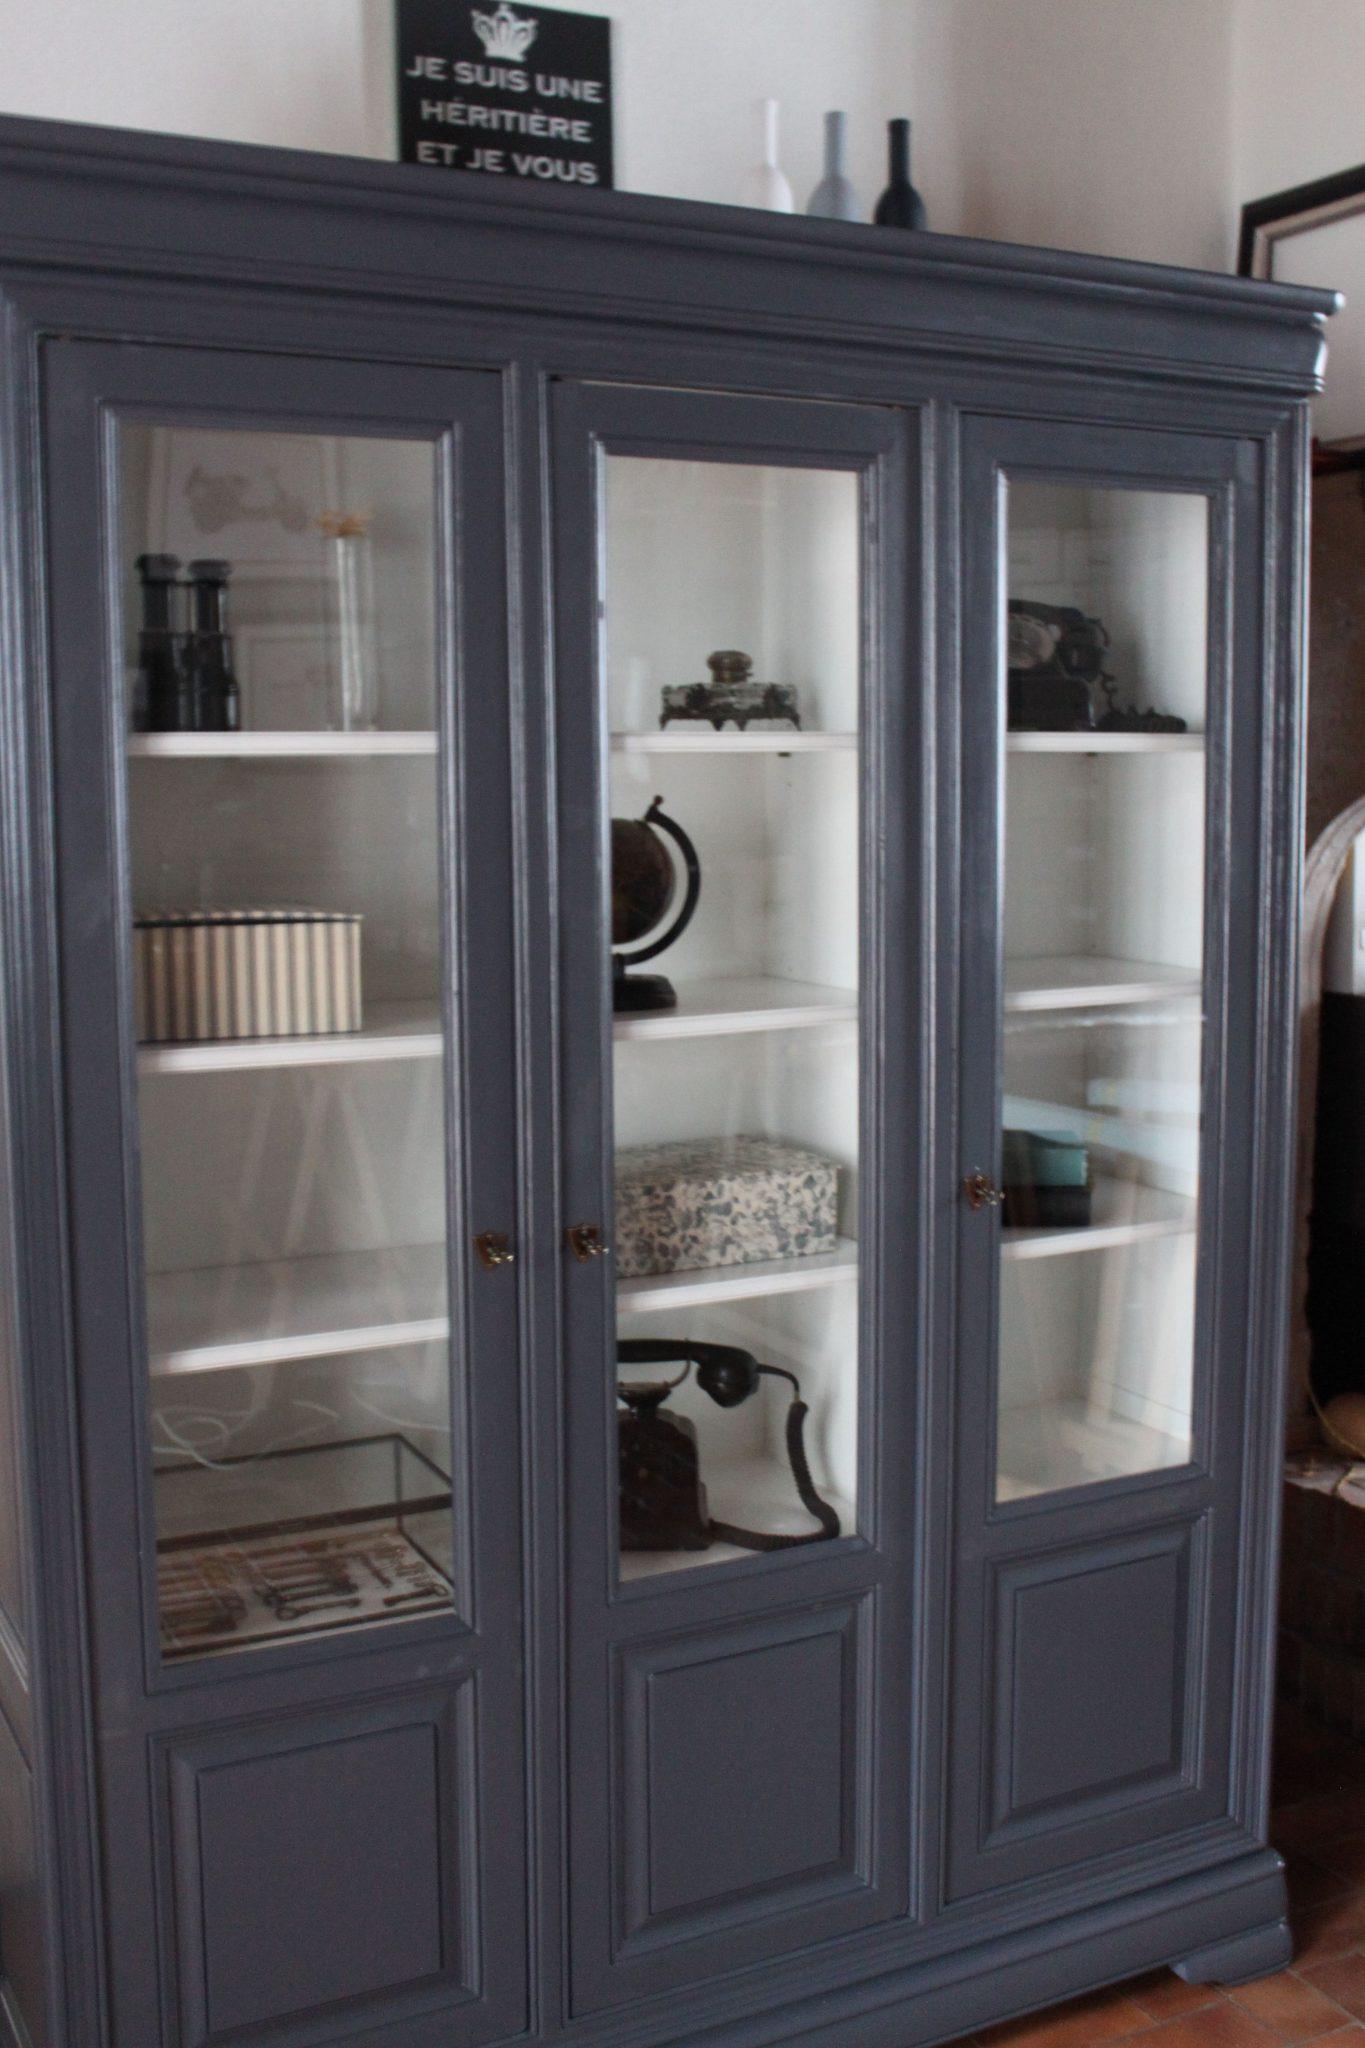 Boulanger Congelateur Armoire